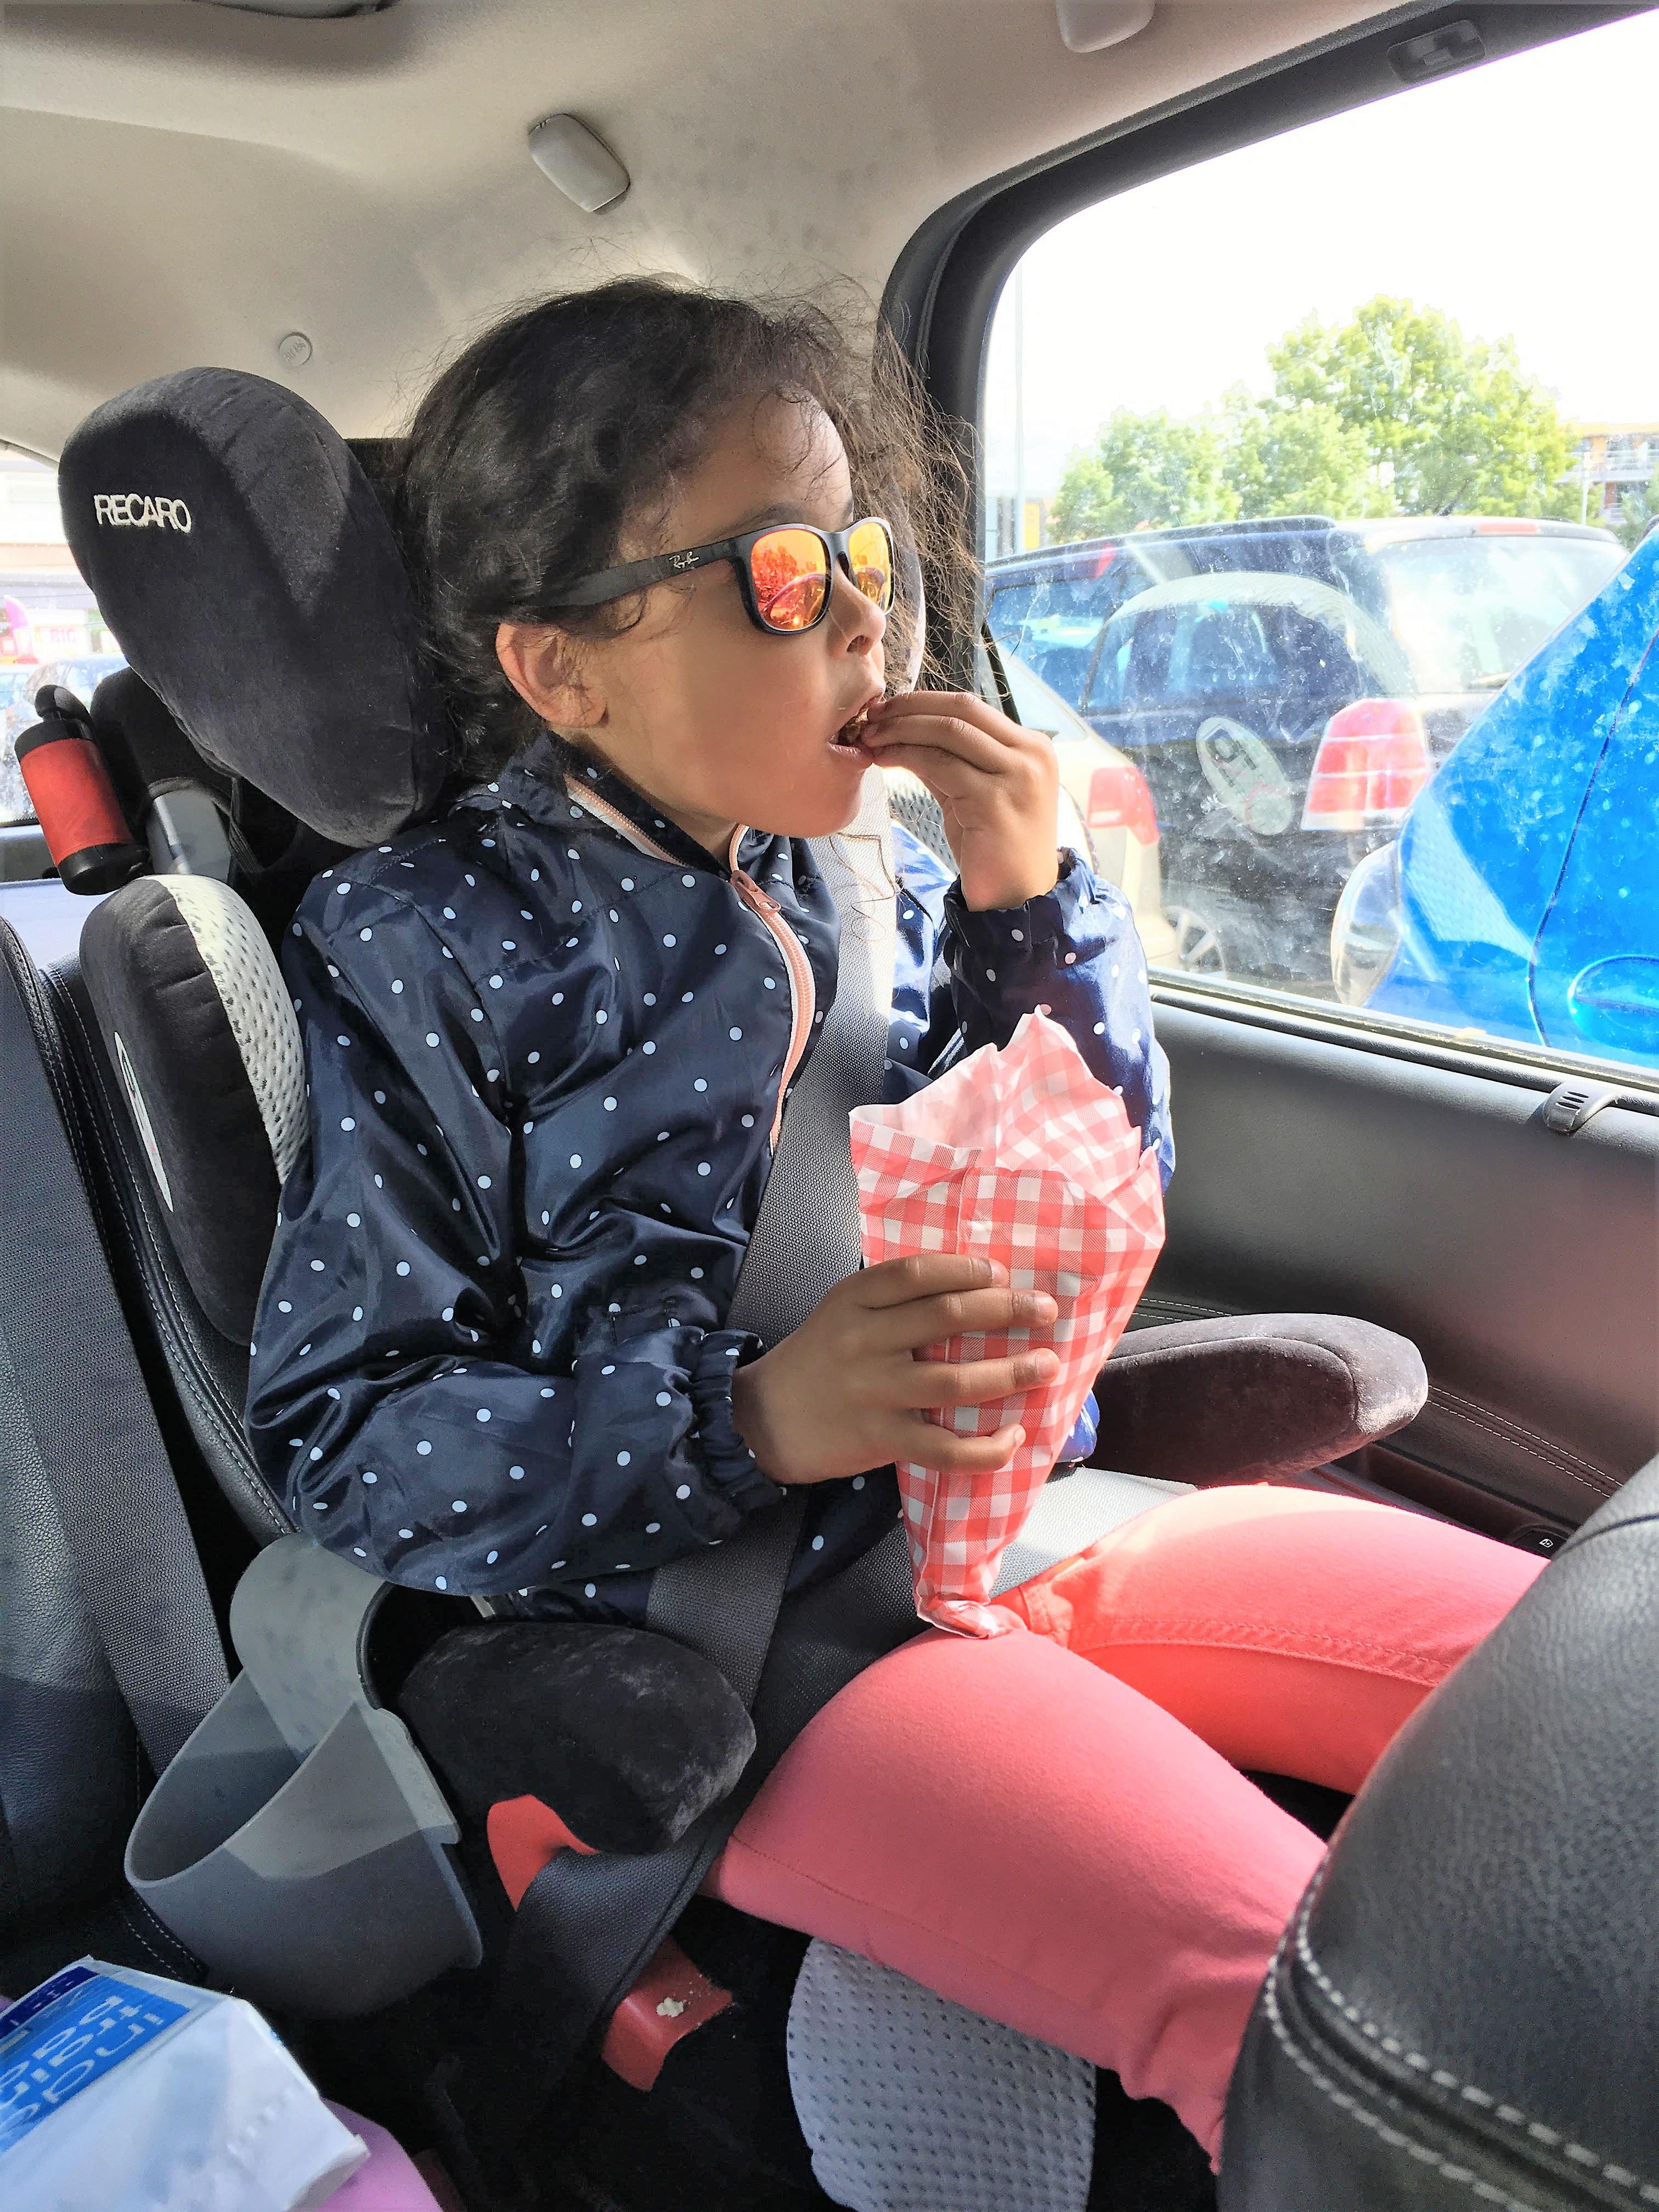 e7d41ce49285b0 Een goede zonnebril is ook voor kinderogen heel belangrijk! -